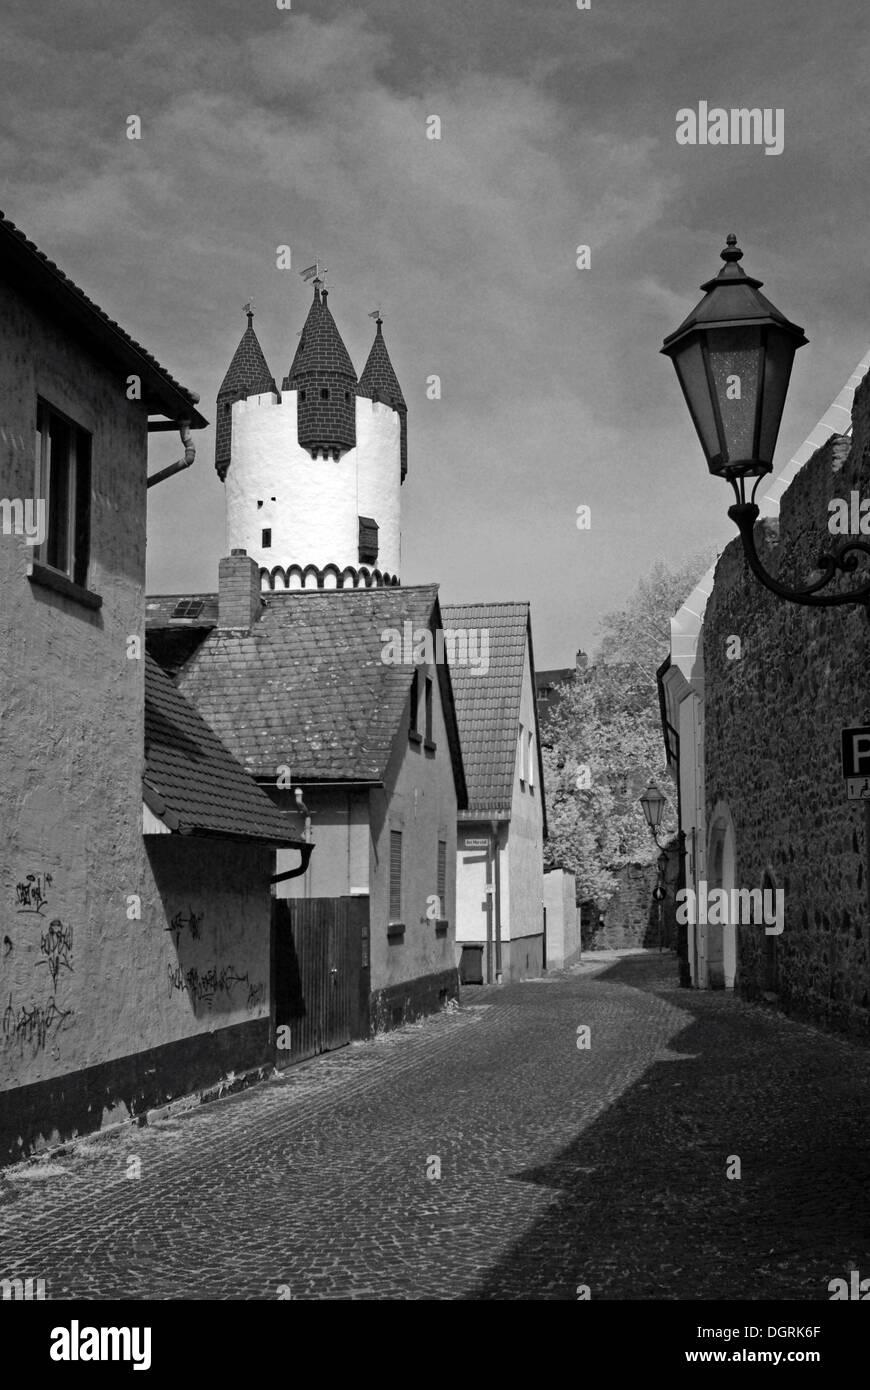 Tower in the historic town center, Steinheim am Main, Rhein-Main region, Hesse - Stock Image